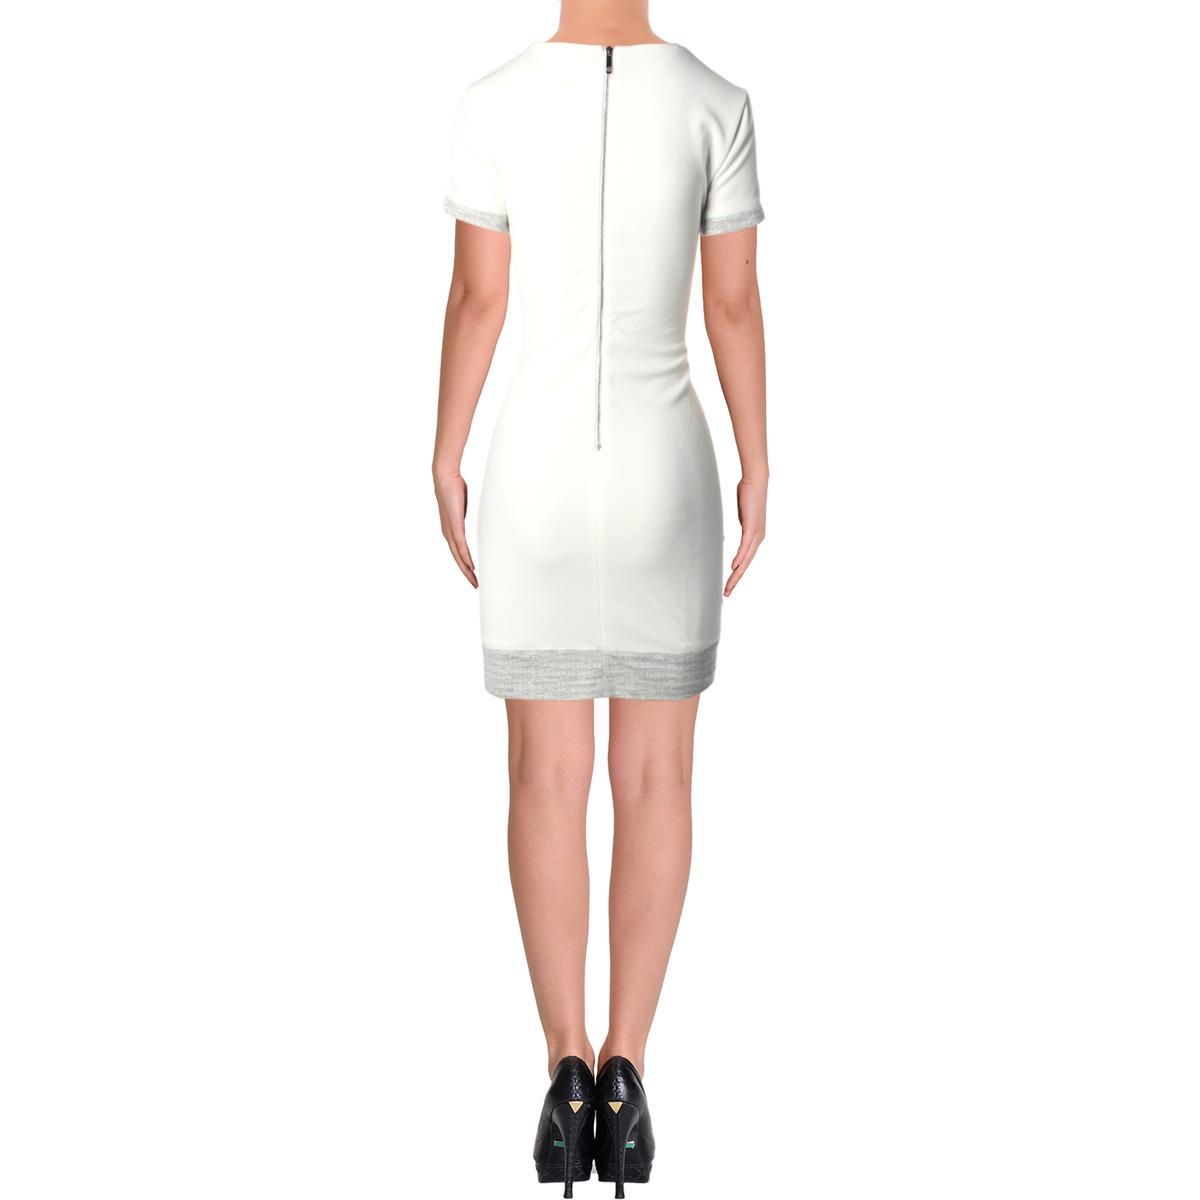 cc3919d258e86 Tommy Hilfiger Womens Ivory Metallic Office Wear Wear to Work Dress ...